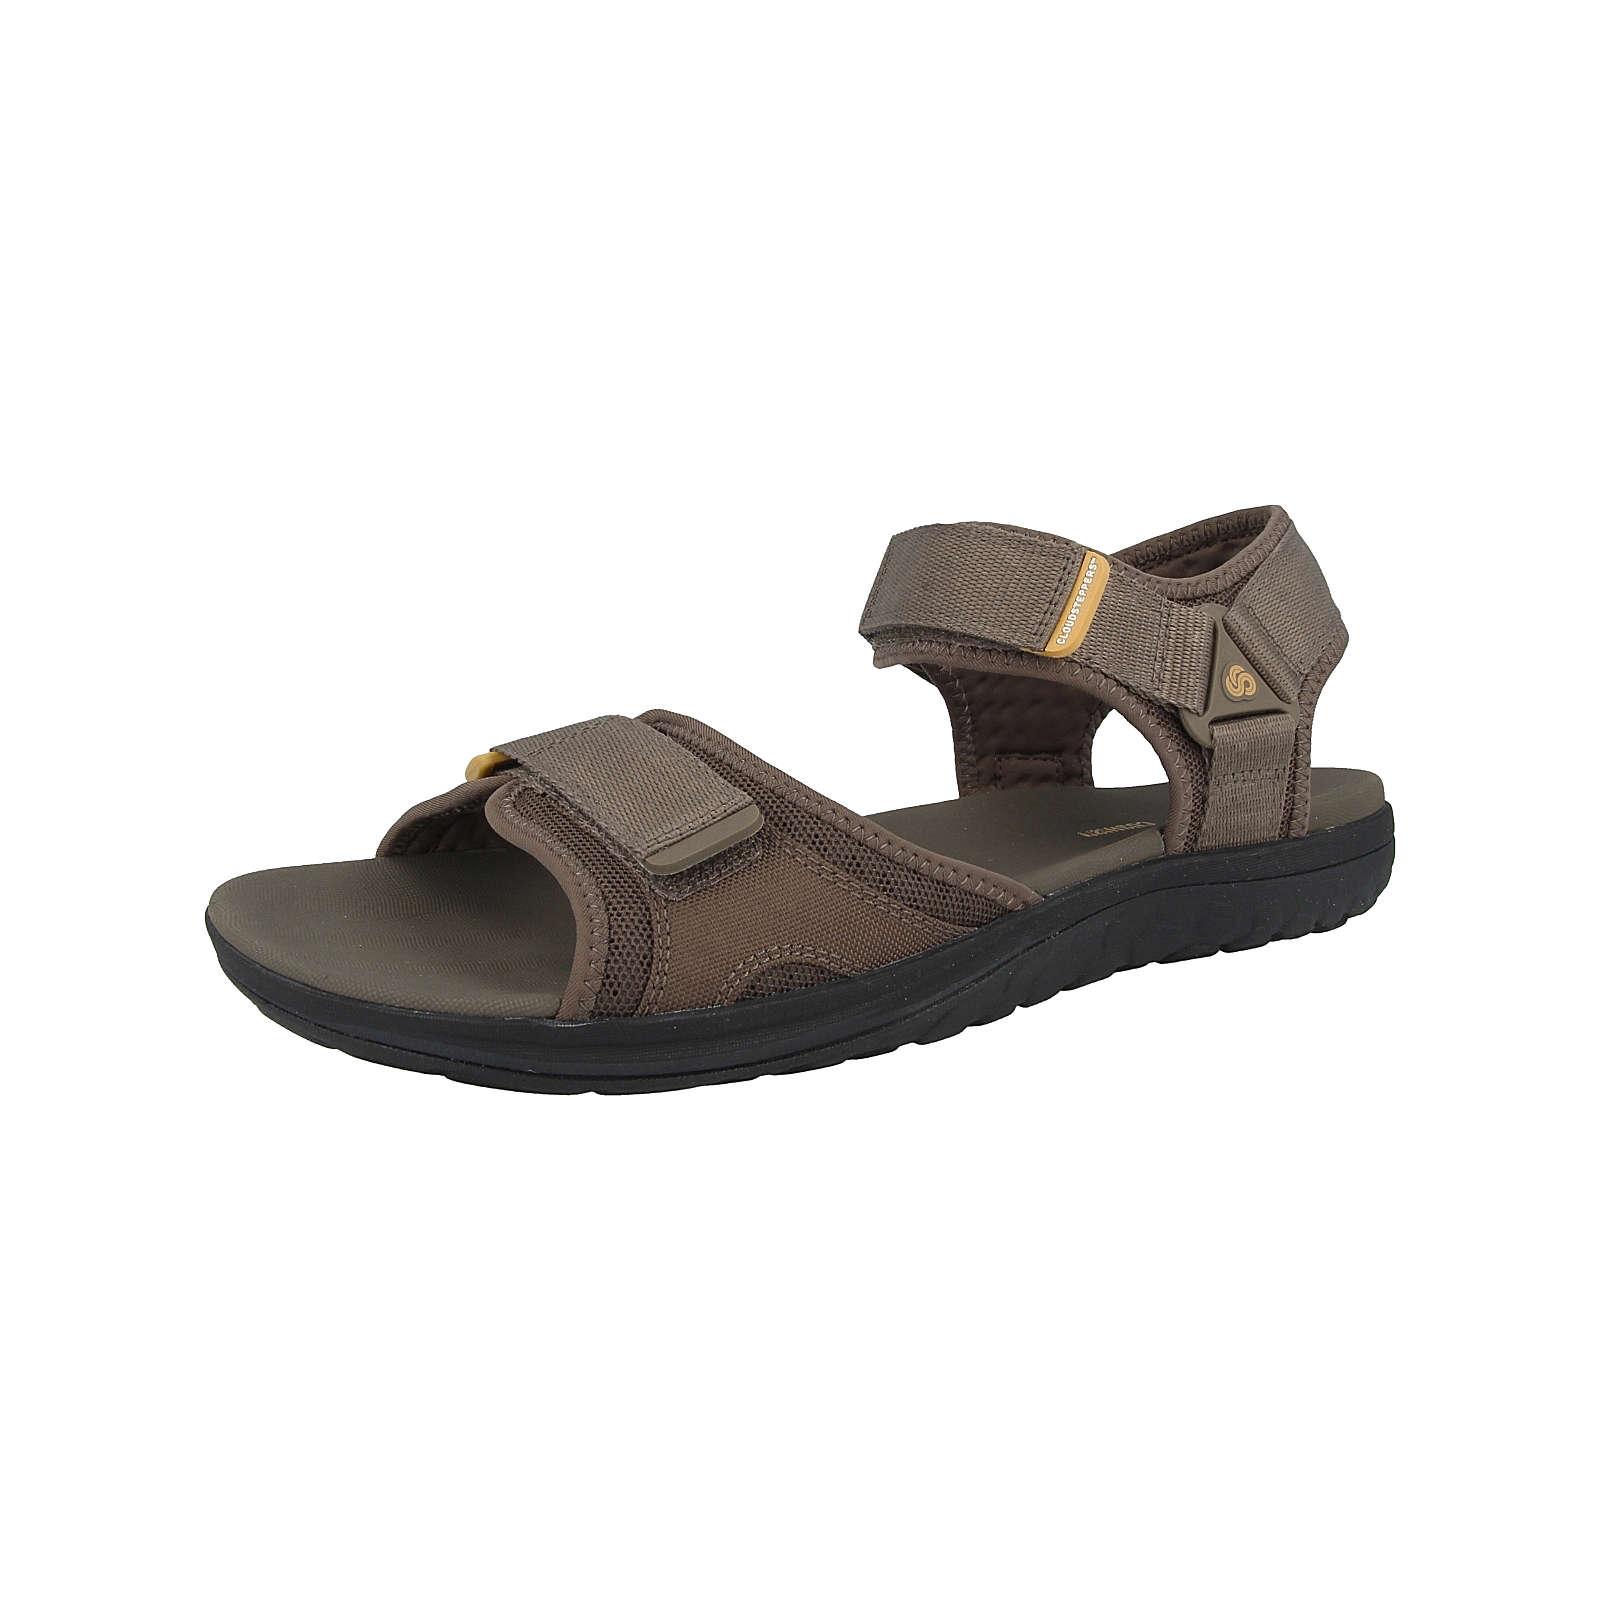 Clarks Schuhe Step Beat Sun Klassische Sandalen braun Damen Gr. 44